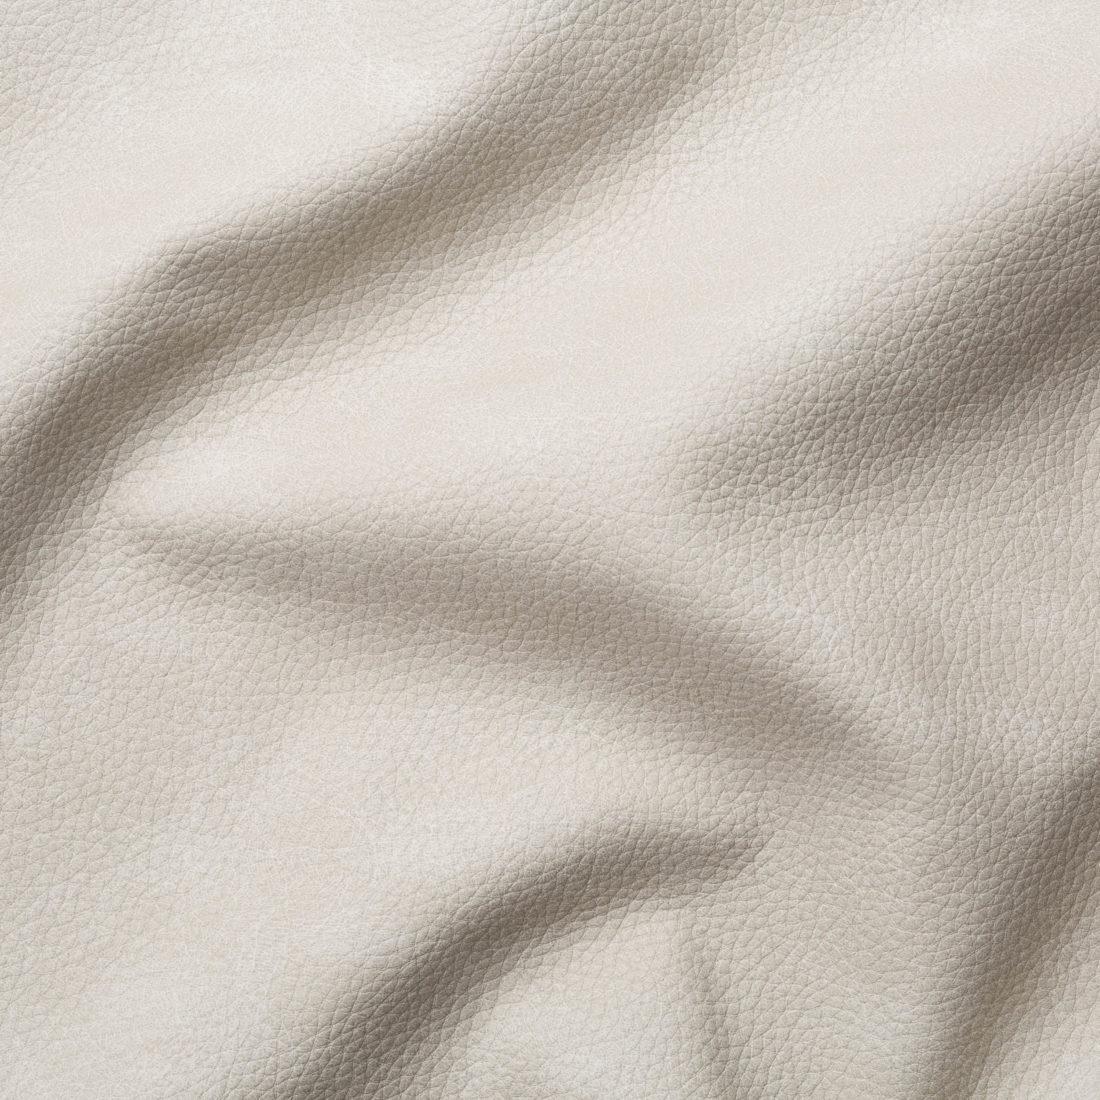 Мебельная ткань Wave 101 Dove, искусственная кожа